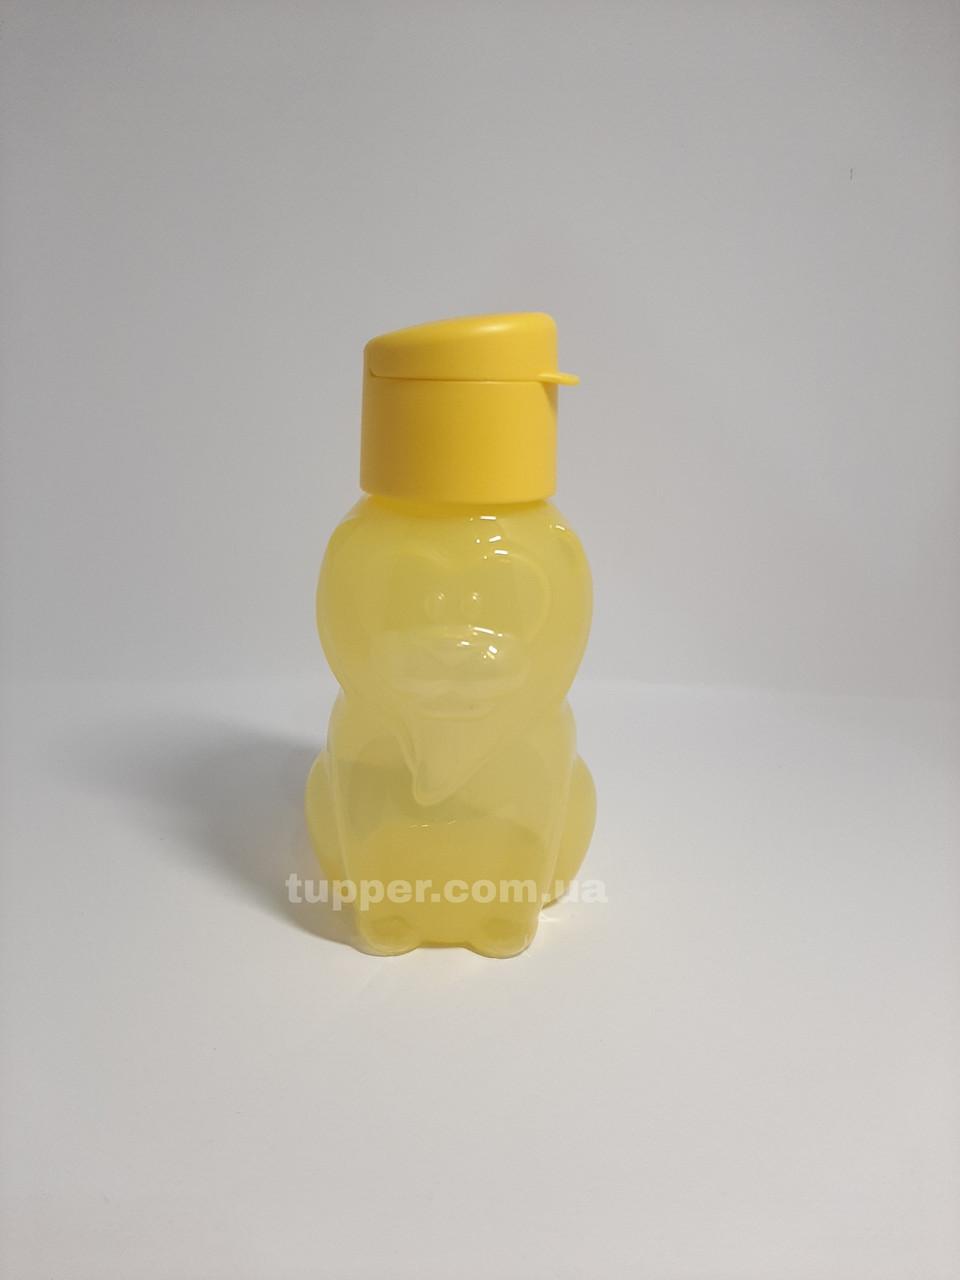 Еко-пляшка Левеня в жовтому кольорі Tupperware